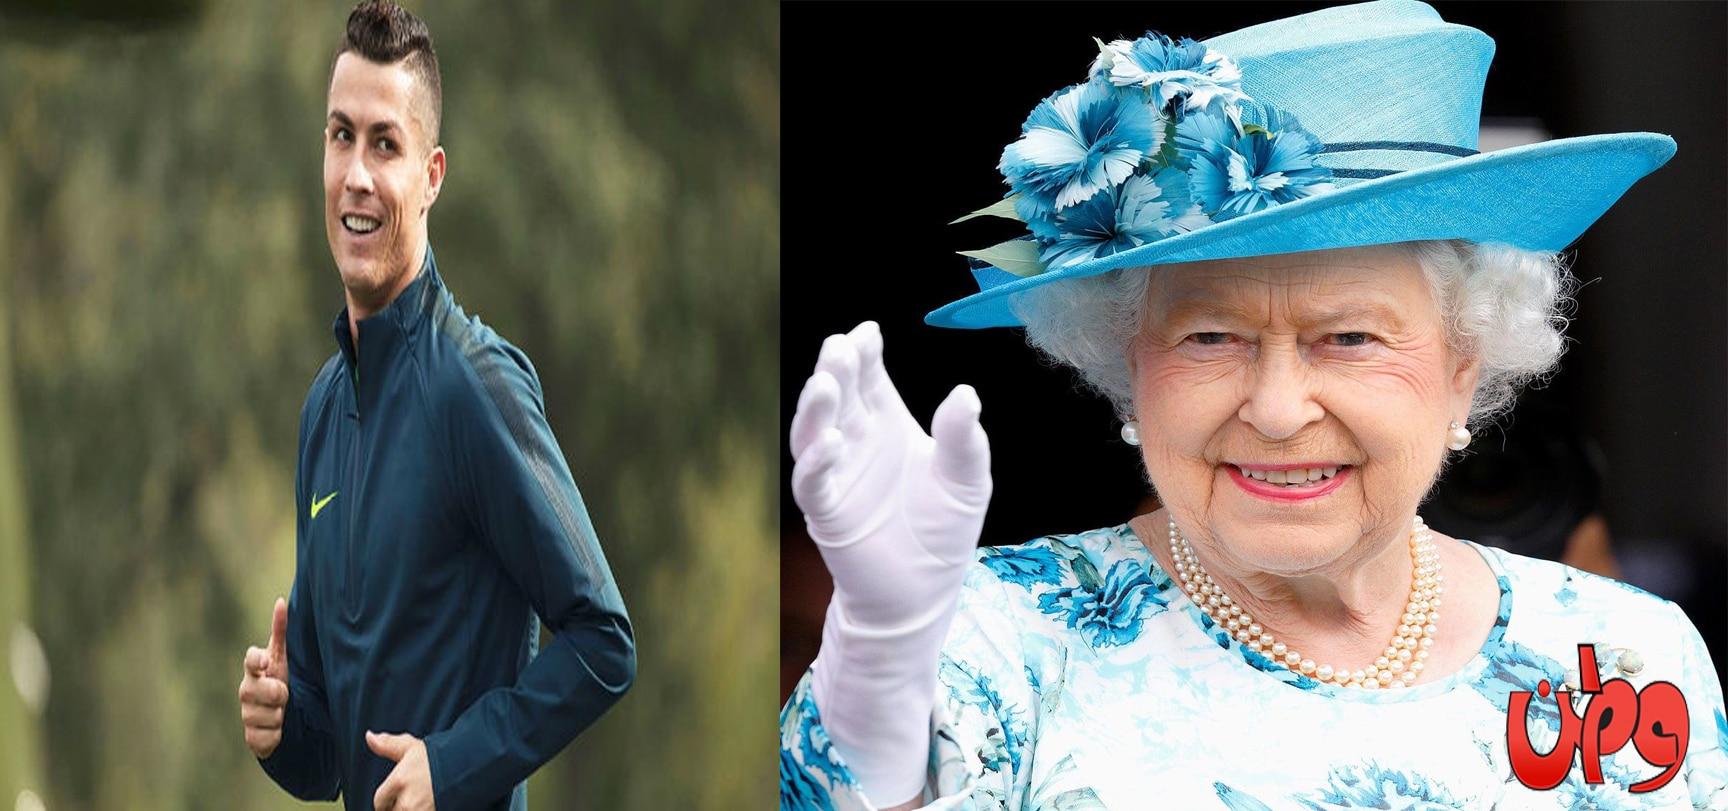 الملكة إليزابيث وحقيق الطلب الغريب من رونالدو